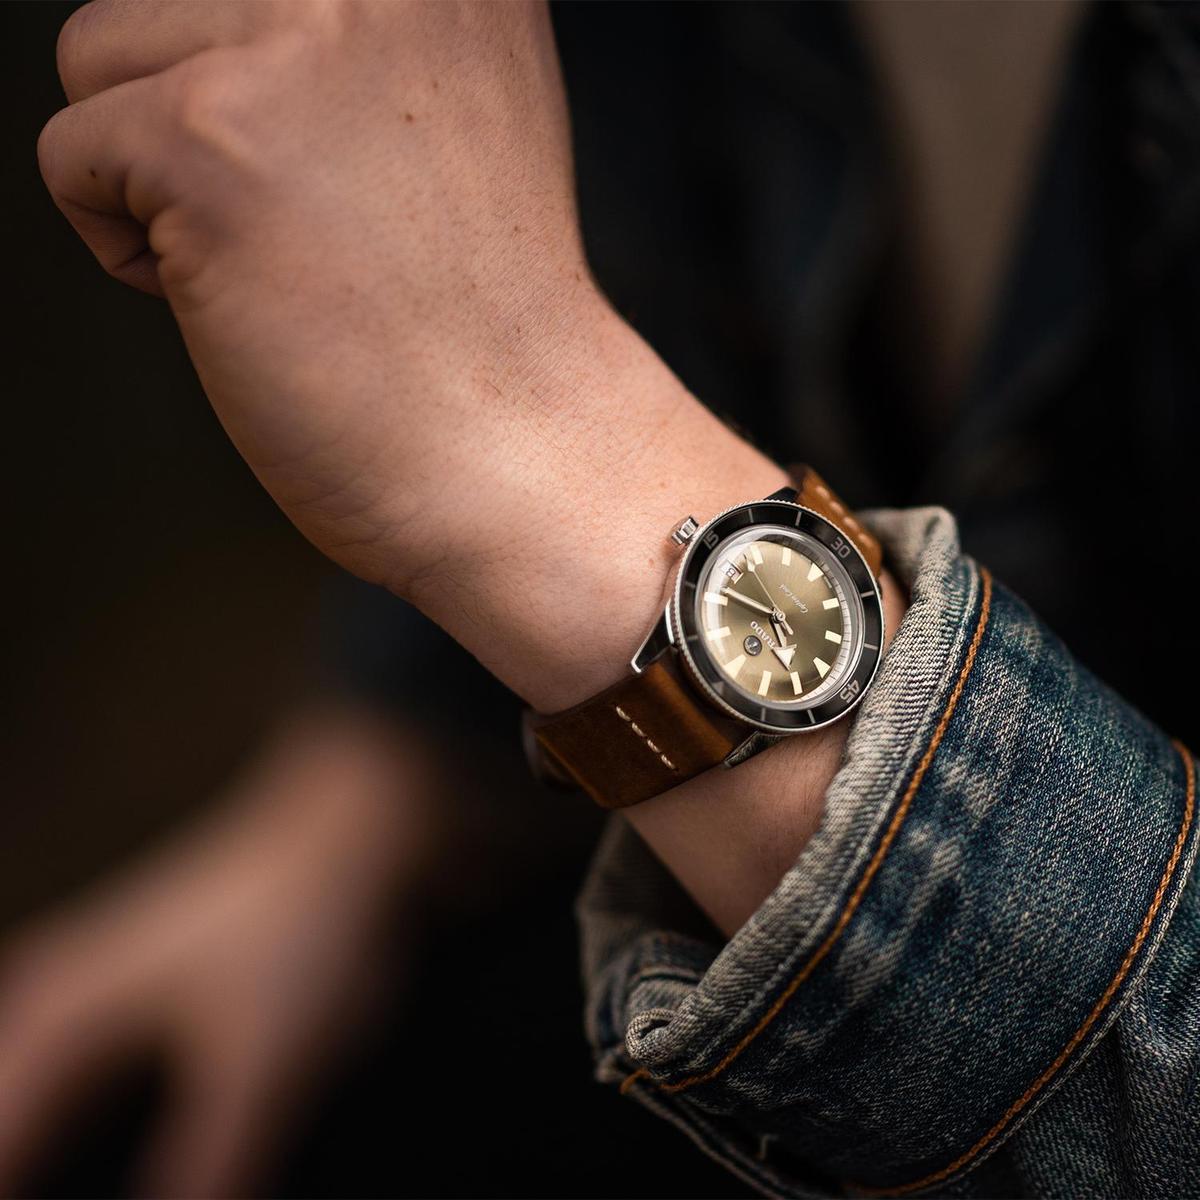 雷達「庫克船長」37mm錶款,相對小的錶徑,戴在手腕上復古味道十足,非常有感覺。